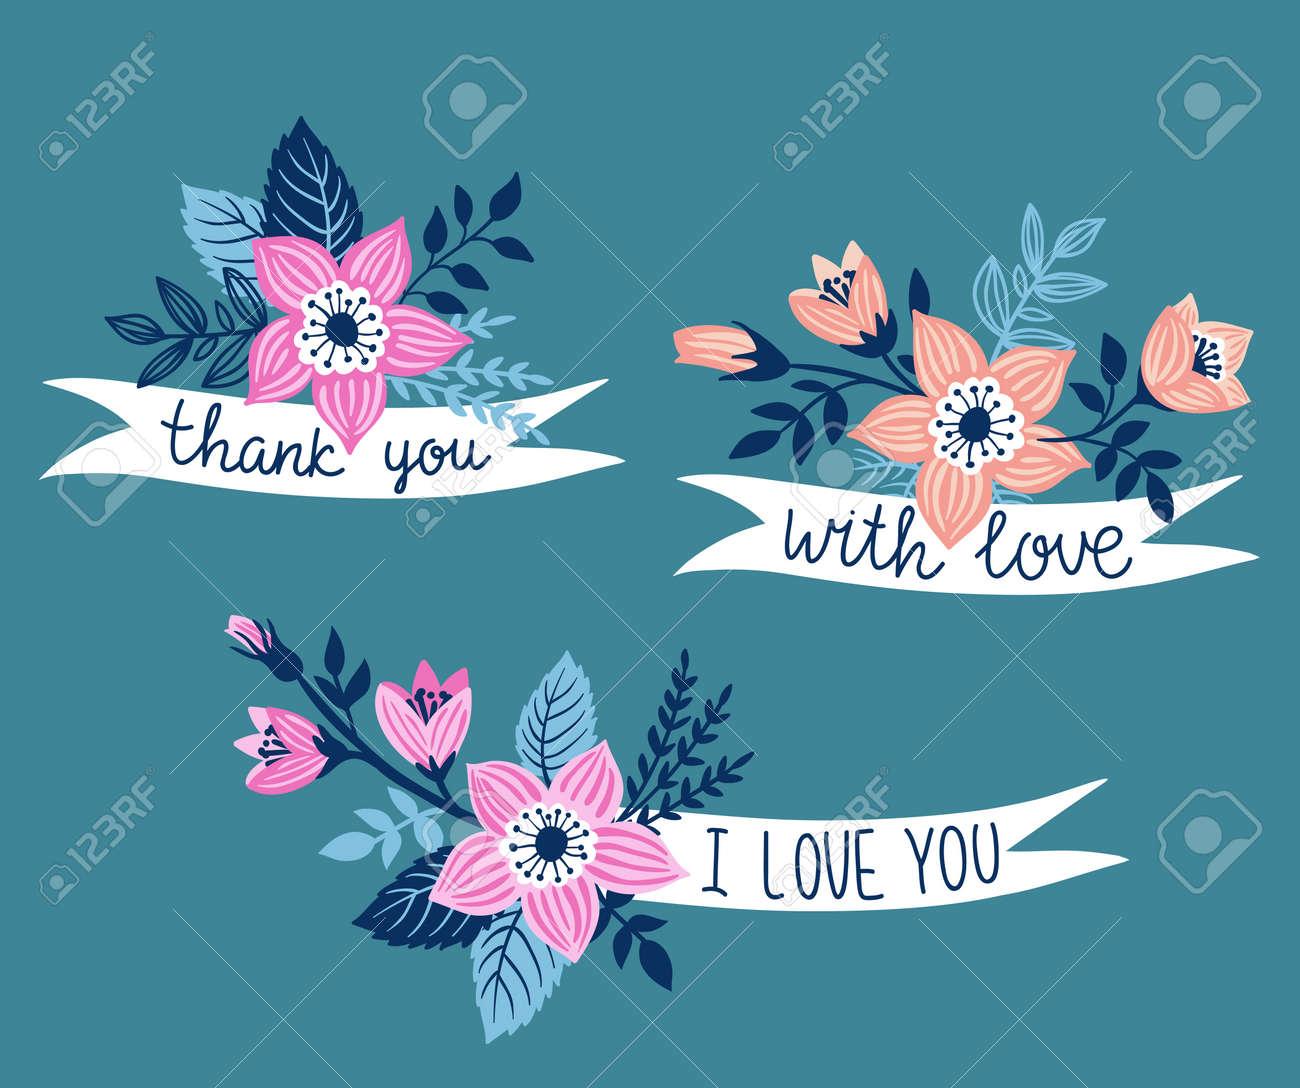 Vector Mão Desenhada Com Flores E Frase Elegante Obrigado Com Amor Eu Amo Você Elemento De Design Floral Isolado No Fundo Azul